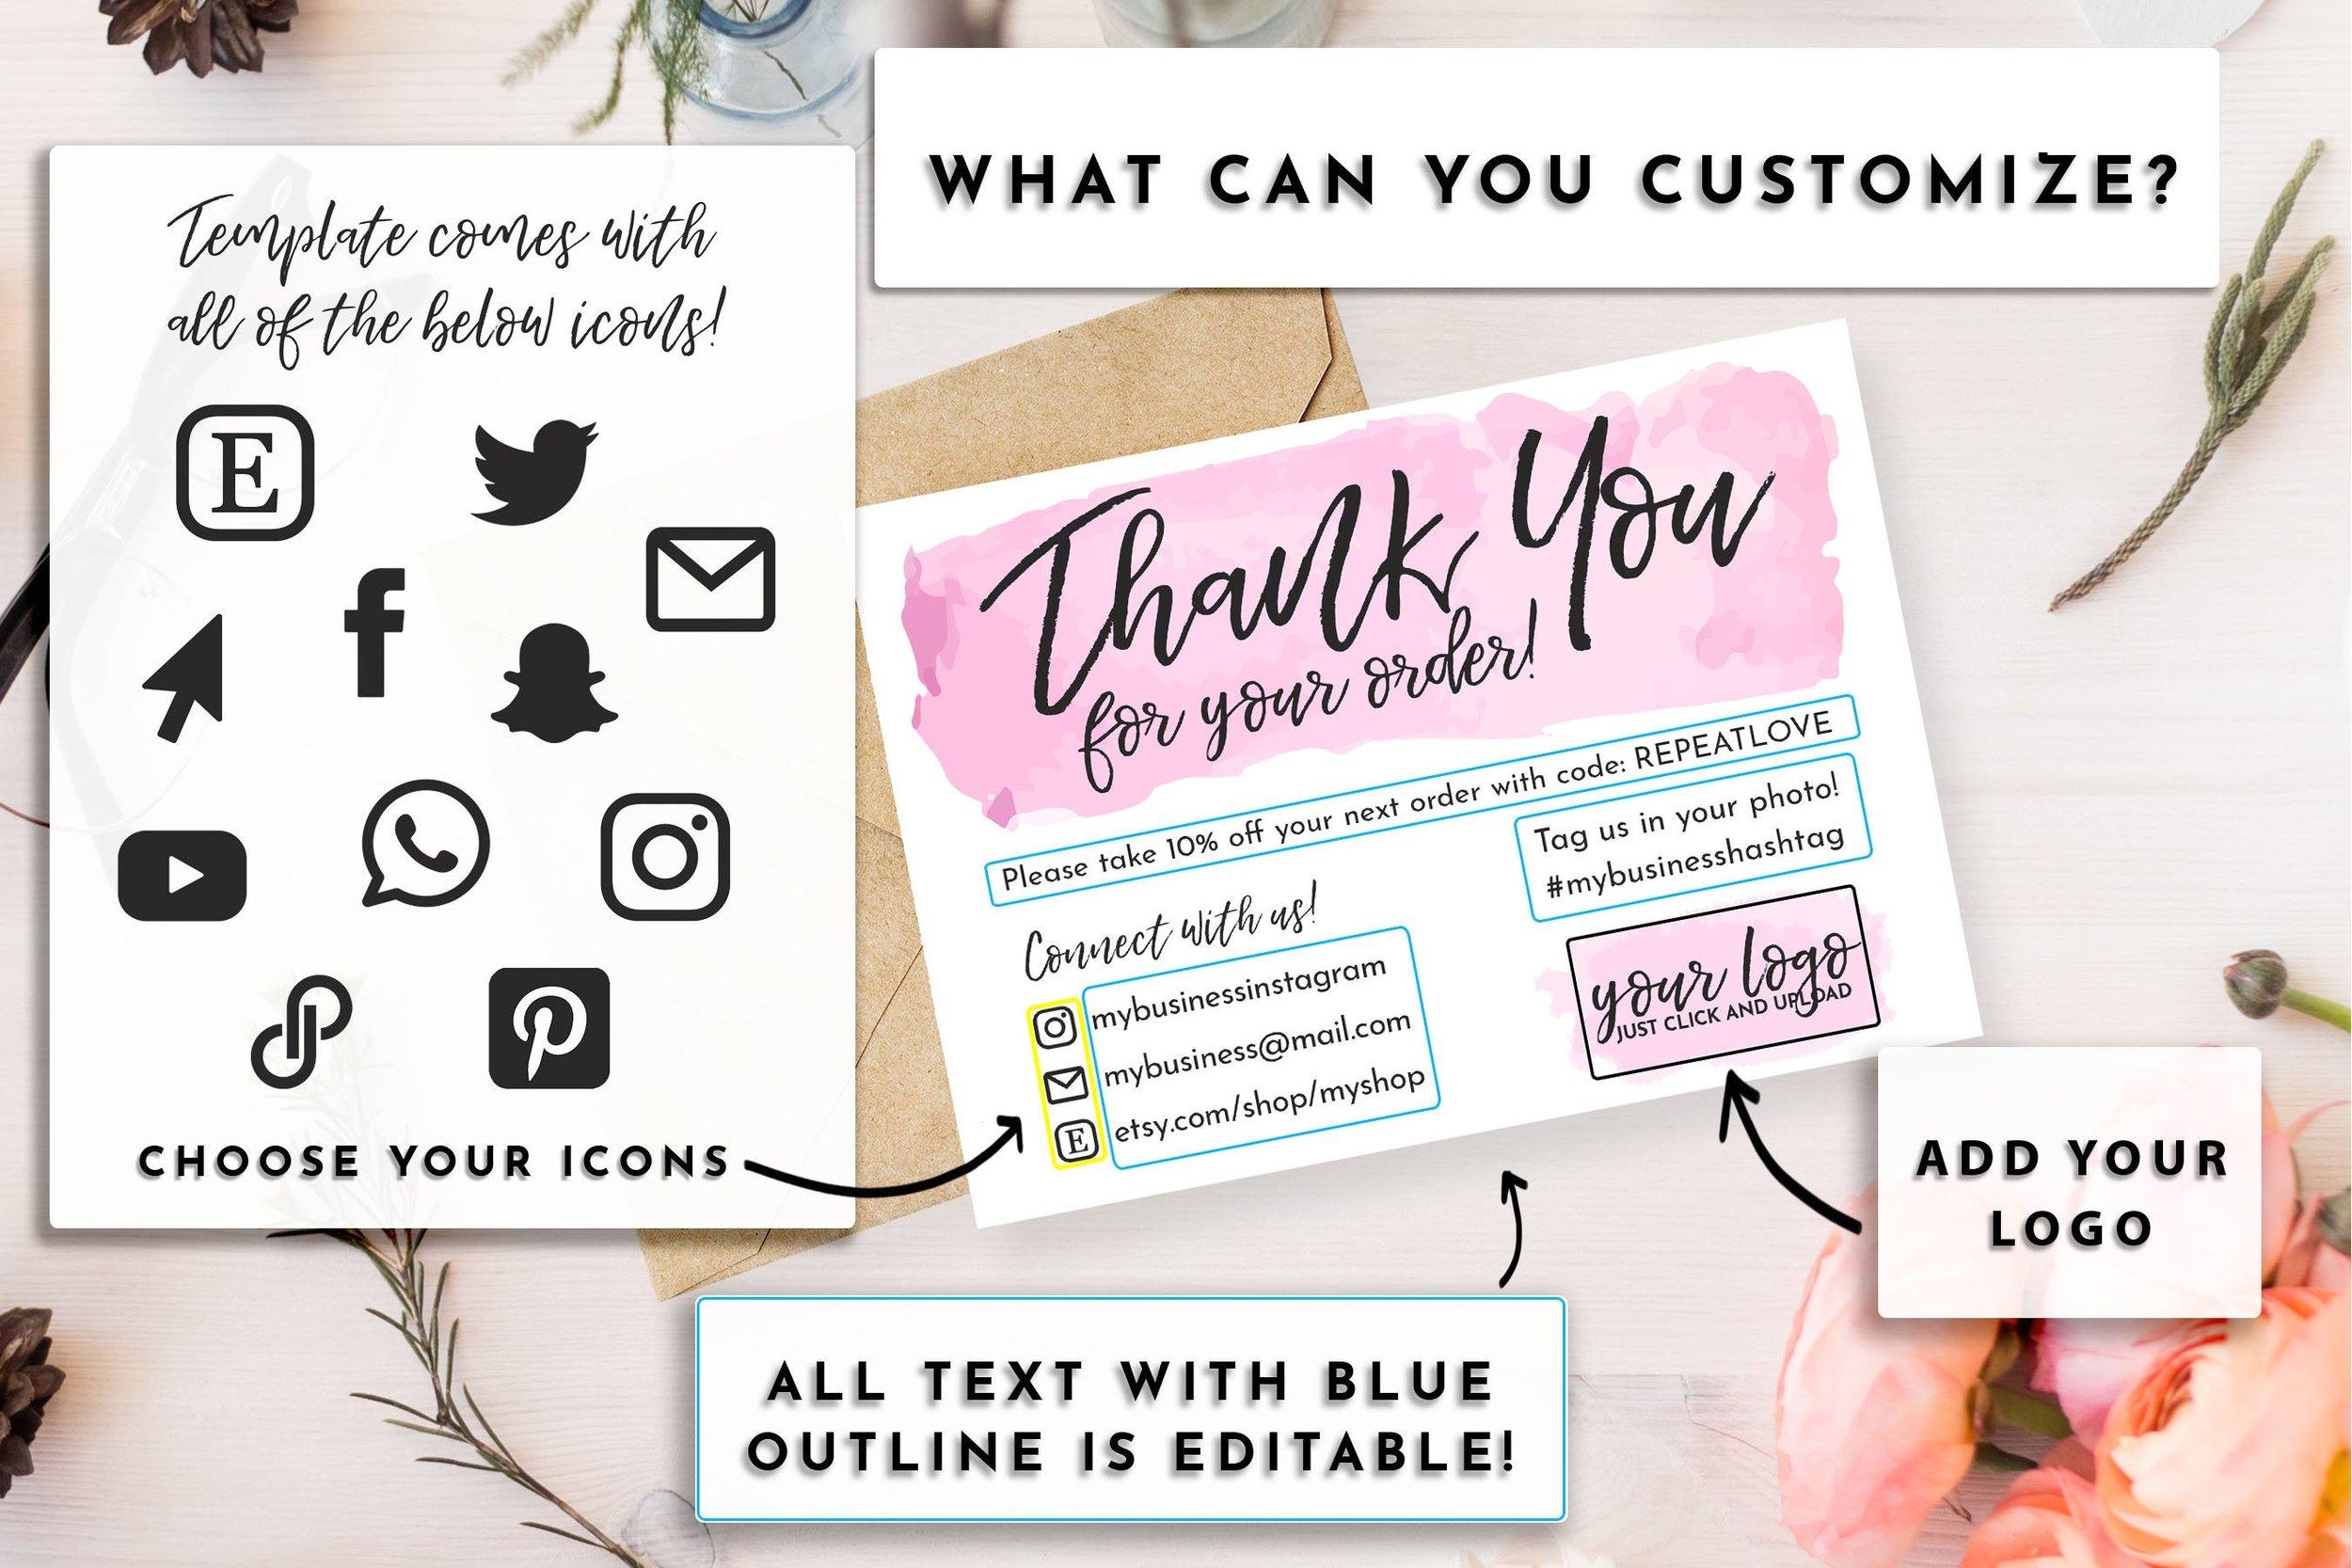 thankyoucard_customize.jpg